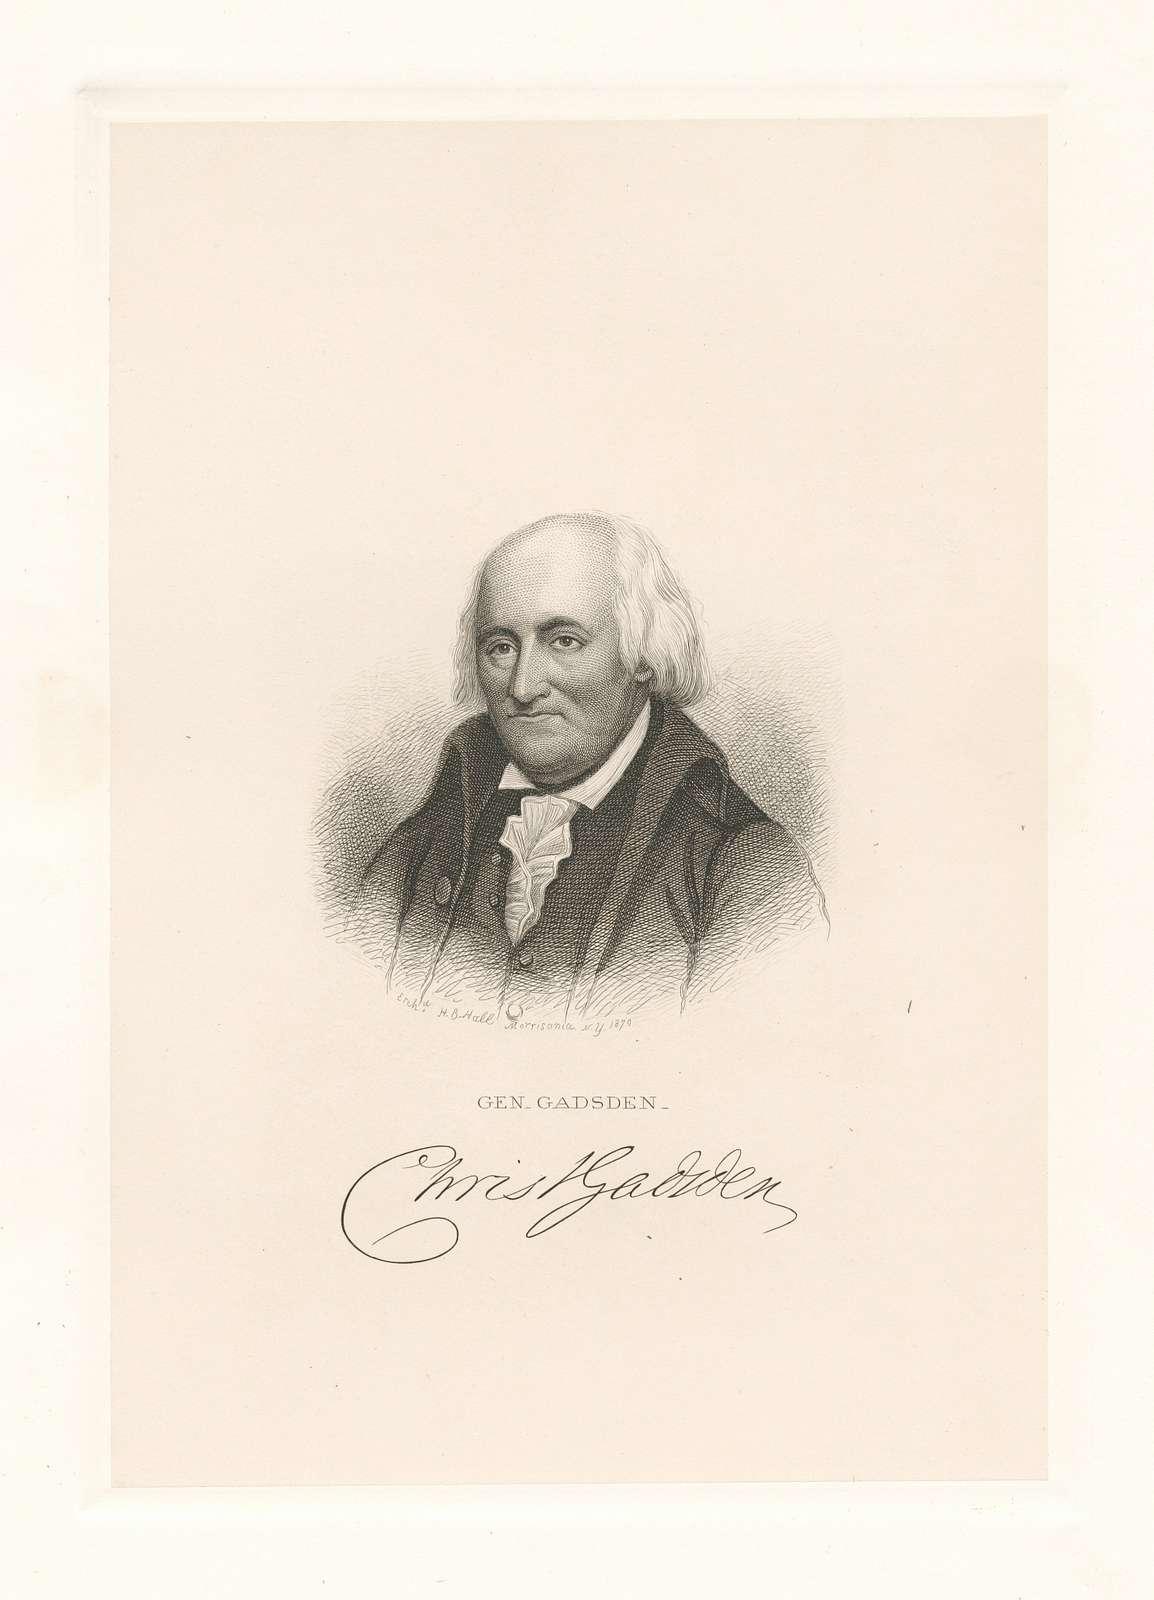 Gen. Gadsden